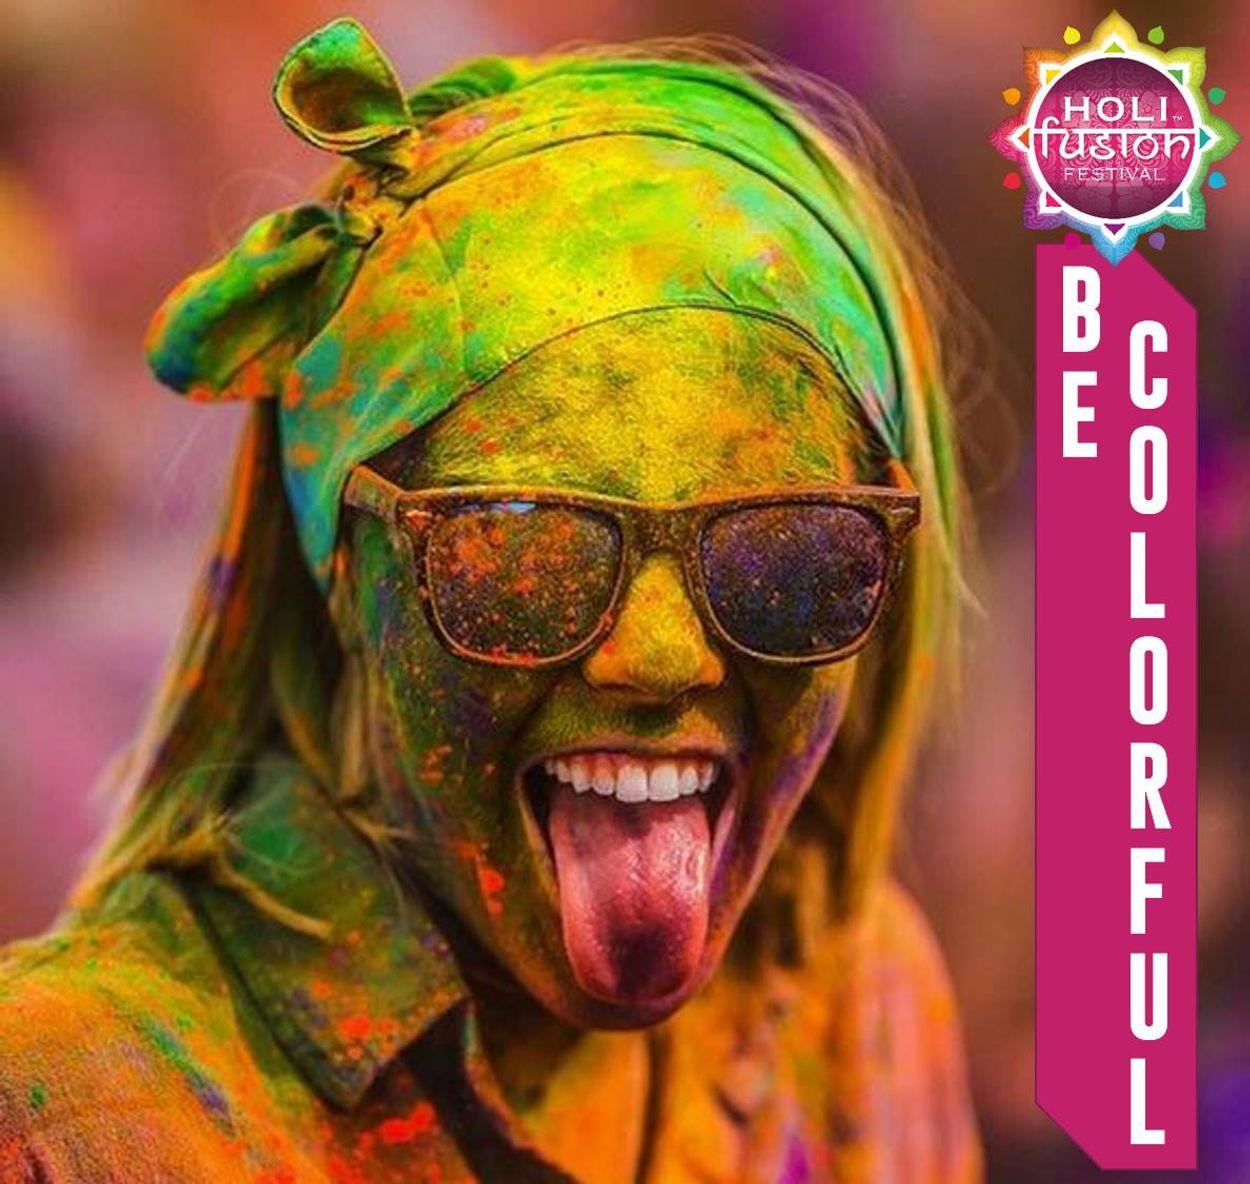 Holi Fusion Festival